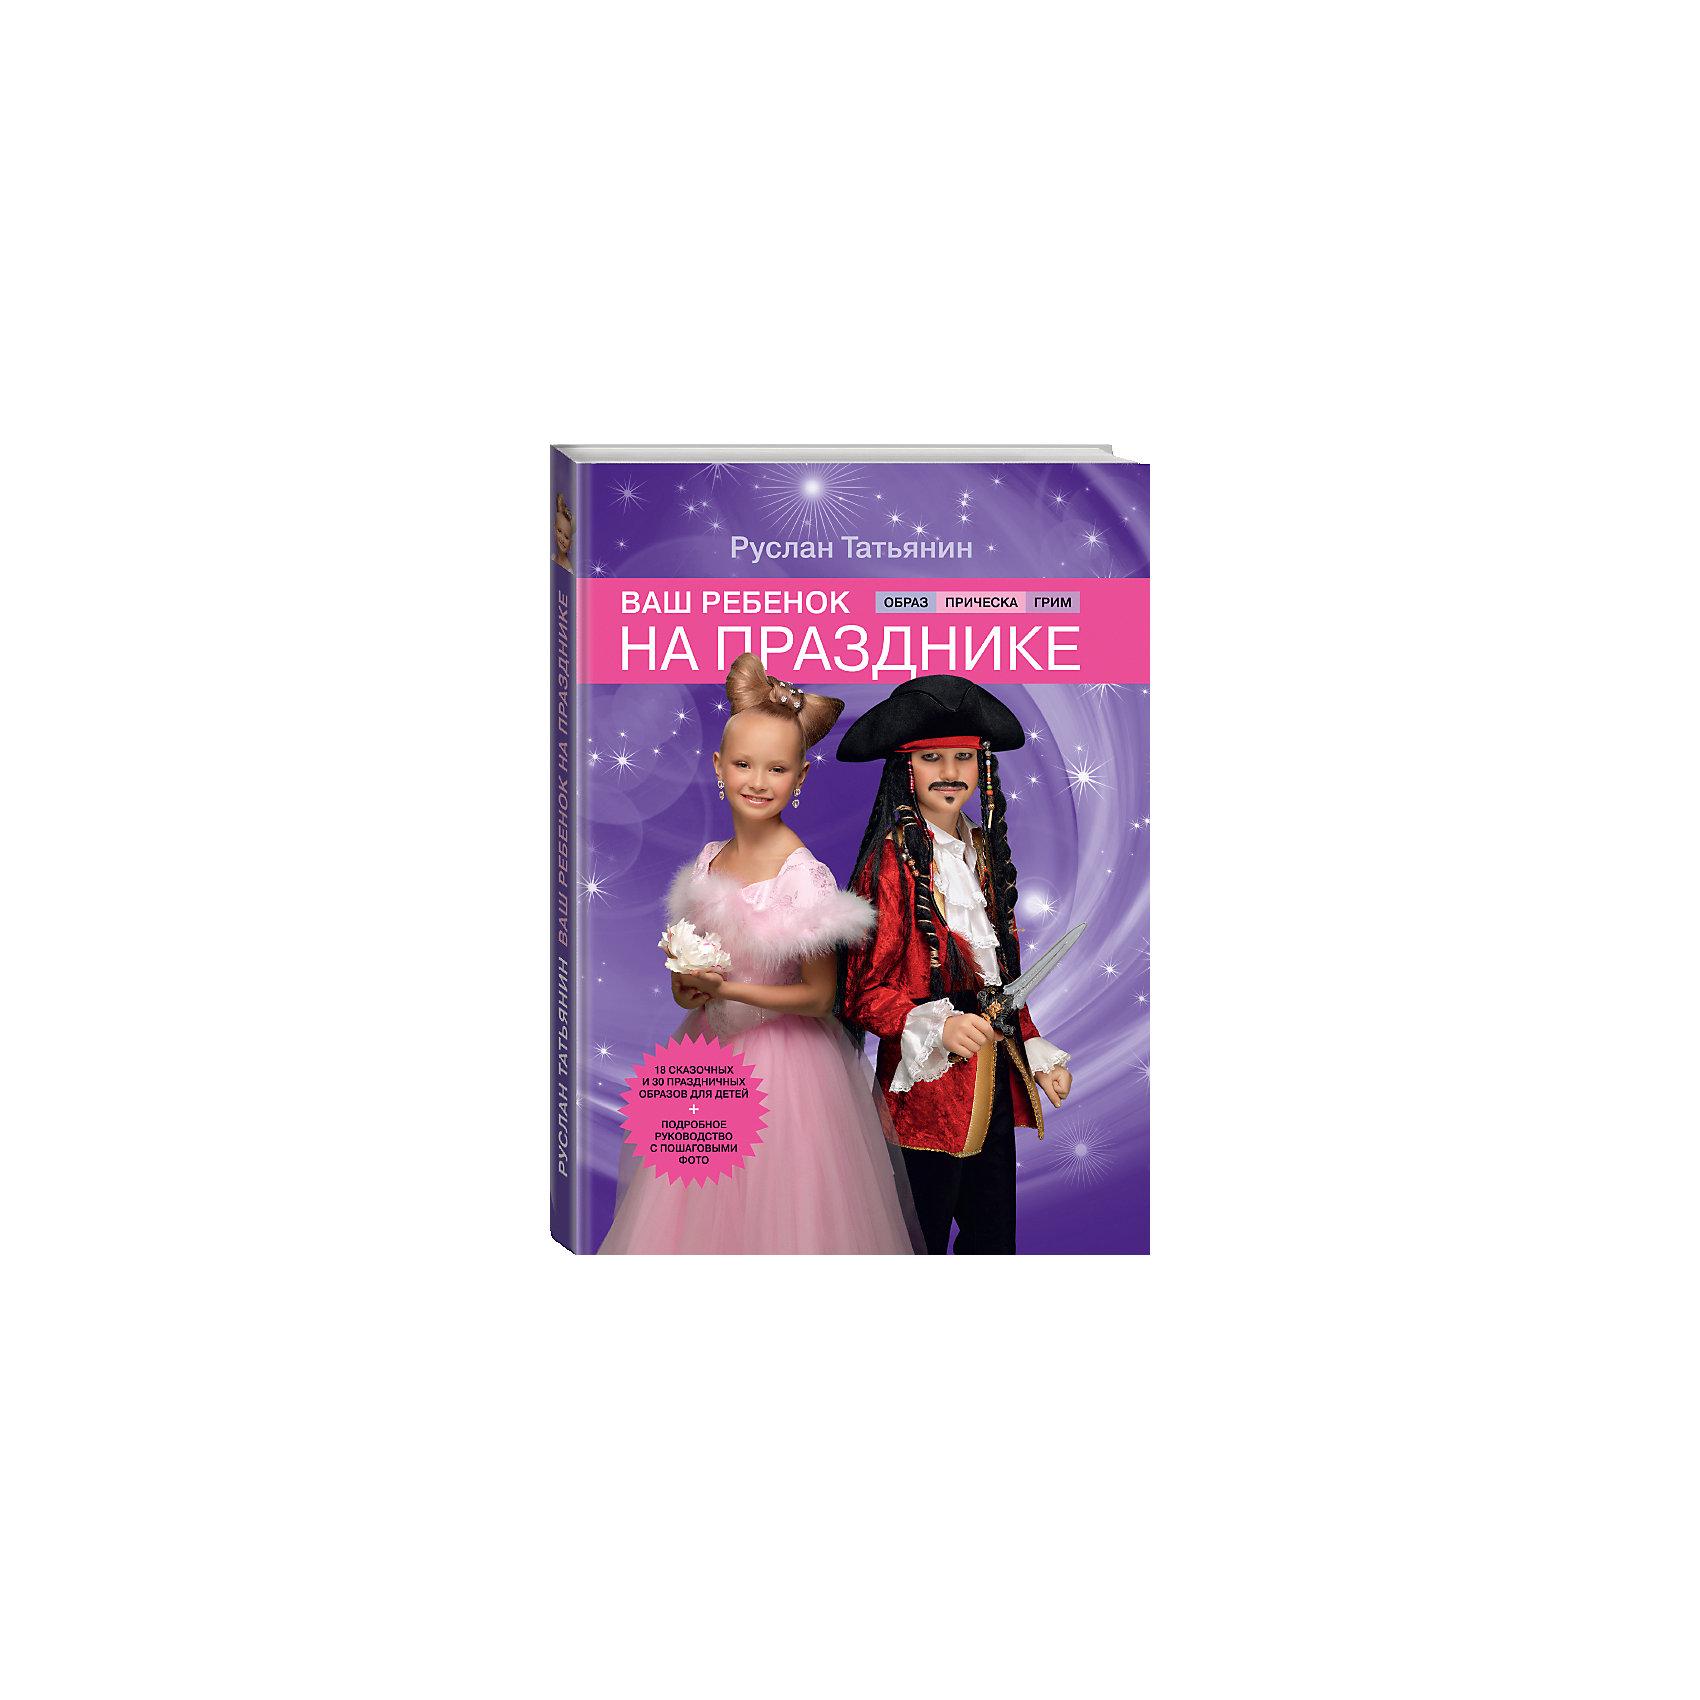 Ваш ребенок на празднике. Образ, прическа, гримКниги для родителей<br>Руслан Татьянин - знаменитый стилист, работающий со звездами кино и шоу-бизнеса. Его первая книга «Лучшие прически на все случаи жизни» стала бестселлером. Вторая книга предназначена для родителей детей от 3 до 10 лет. Это подробное руководство по созданию  праздничного образа для девочек, мальчиков, также мам и пап с помощью прически, макияжа, а иногда и грима своими руками к самым любимым праздникам – Новому году, дню рождения, Хэллоуину, первому балу. Вот лишь некоторые из них: волшебница Винкс, , Белоснежка, Русалочка Ариэль, принцессы и королевы, Бэтмен, Кощей Бессмертный, Петрушка, Вампир. Для мам - Мэрилин Монро, лесная фея, гейша, женщина-кошка, для пап -  Дед Мороз, граф Дракула, вождь краснокожих, Джокер. В книге представлен удивительный анималистический грим: тигренок, щенок, котенок, зайчик, рысь, леопард. 49 праздничных и сказочных образов для детей и 10 – для взрослых. Пошаговые иллюстрации, подробное описание действий – с помощью этой красивой книги вы устроите незабываемый праздник для всей семьи!<br><br>Дополнительная информация:<br><br>- Автор: Руслан Татьянин<br>- Переплет: Твердый  переплет.<br>- Тип иллюстраций: Цветные фотографии.<br>- Год выпуска: 2011<br>- Кол. страниц: 224<br>- ISBN: 978-5-699-53152-3<br>- Размер упаковки: 26х21х2 см.<br>- Вес в упаковке: 920 г.<br><br>Книгу Ваш ребенок на празднике. Образ, прическа, грим. можно купить в нашем магазине.<br><br>Ширина мм: 260<br>Глубина мм: 210<br>Высота мм: 20<br>Вес г: 920<br>Возраст от месяцев: 144<br>Возраст до месяцев: 2147483647<br>Пол: Унисекс<br>Возраст: Детский<br>SKU: 4786137